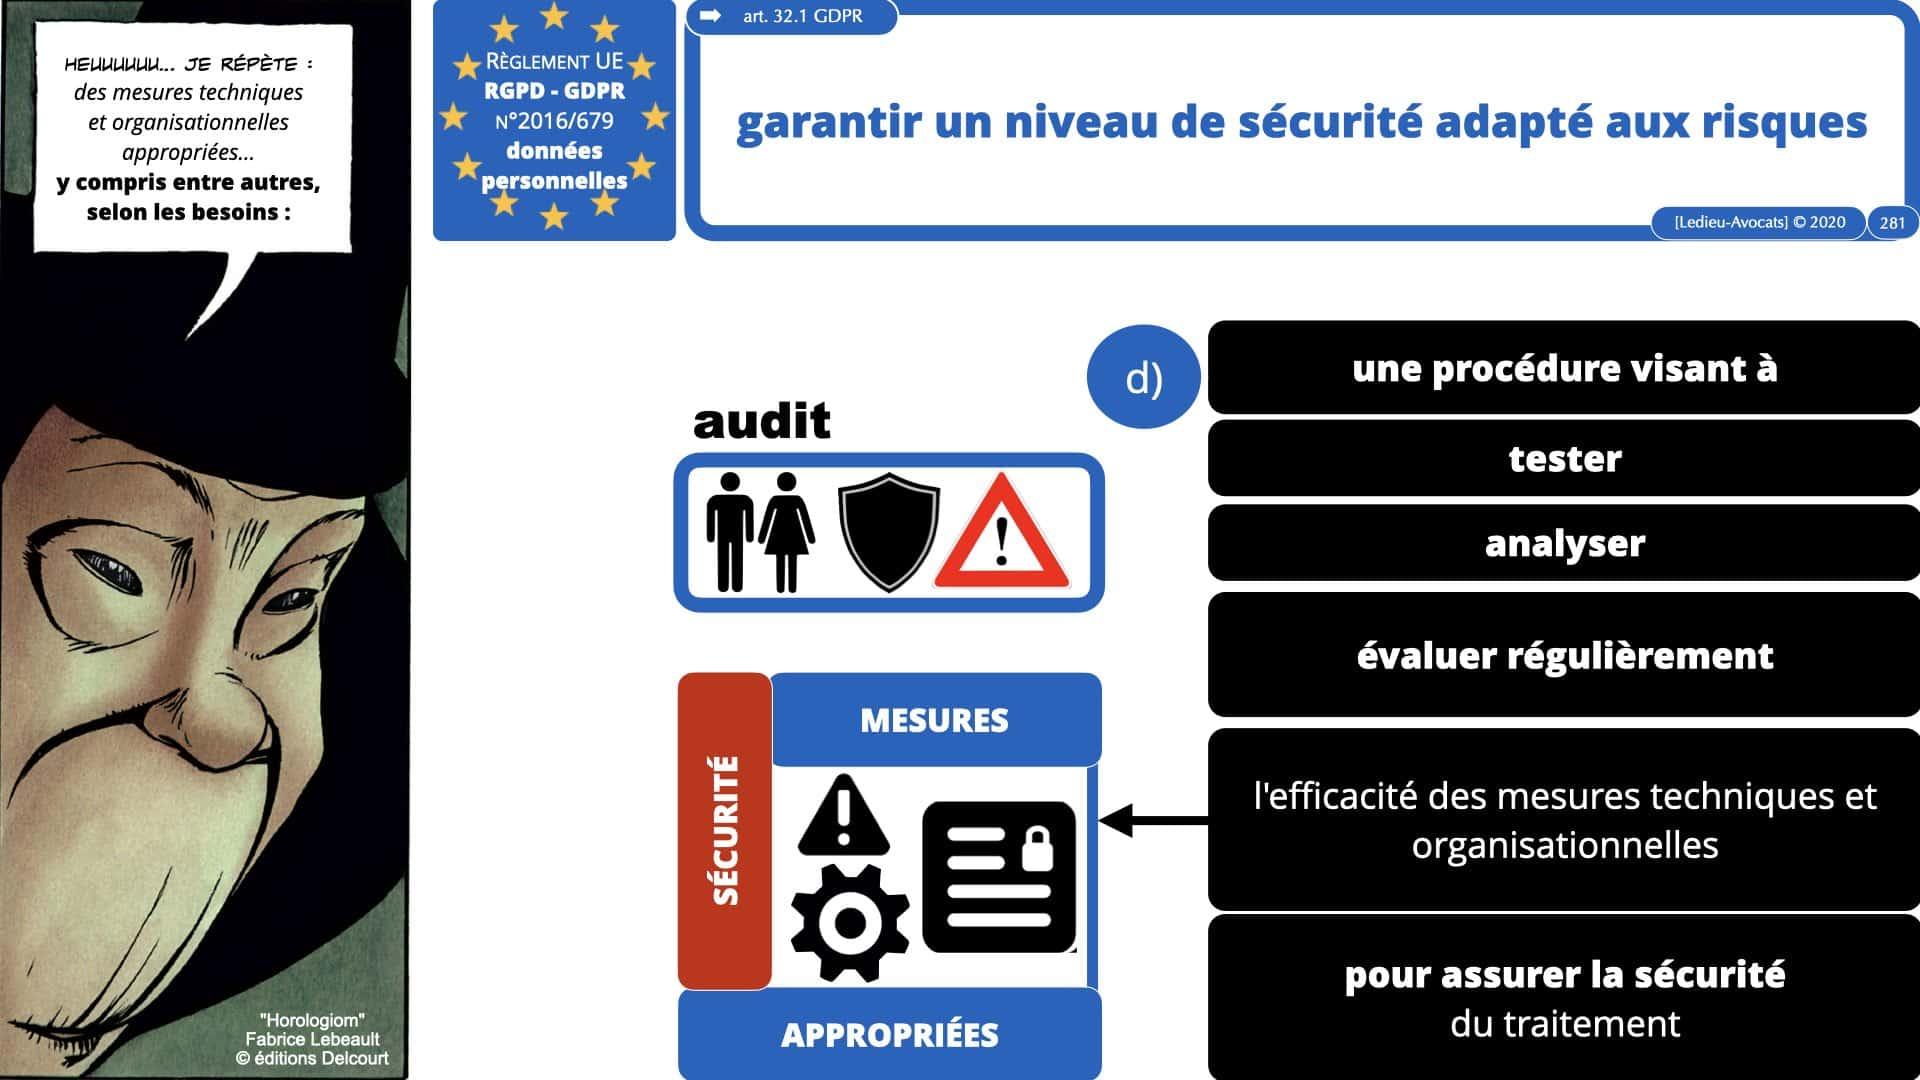 RGPD e-Privacy données personnelles jurisprudence formation Lamy Les Echos 10-02-2021 ©Ledieu-Avocats.281